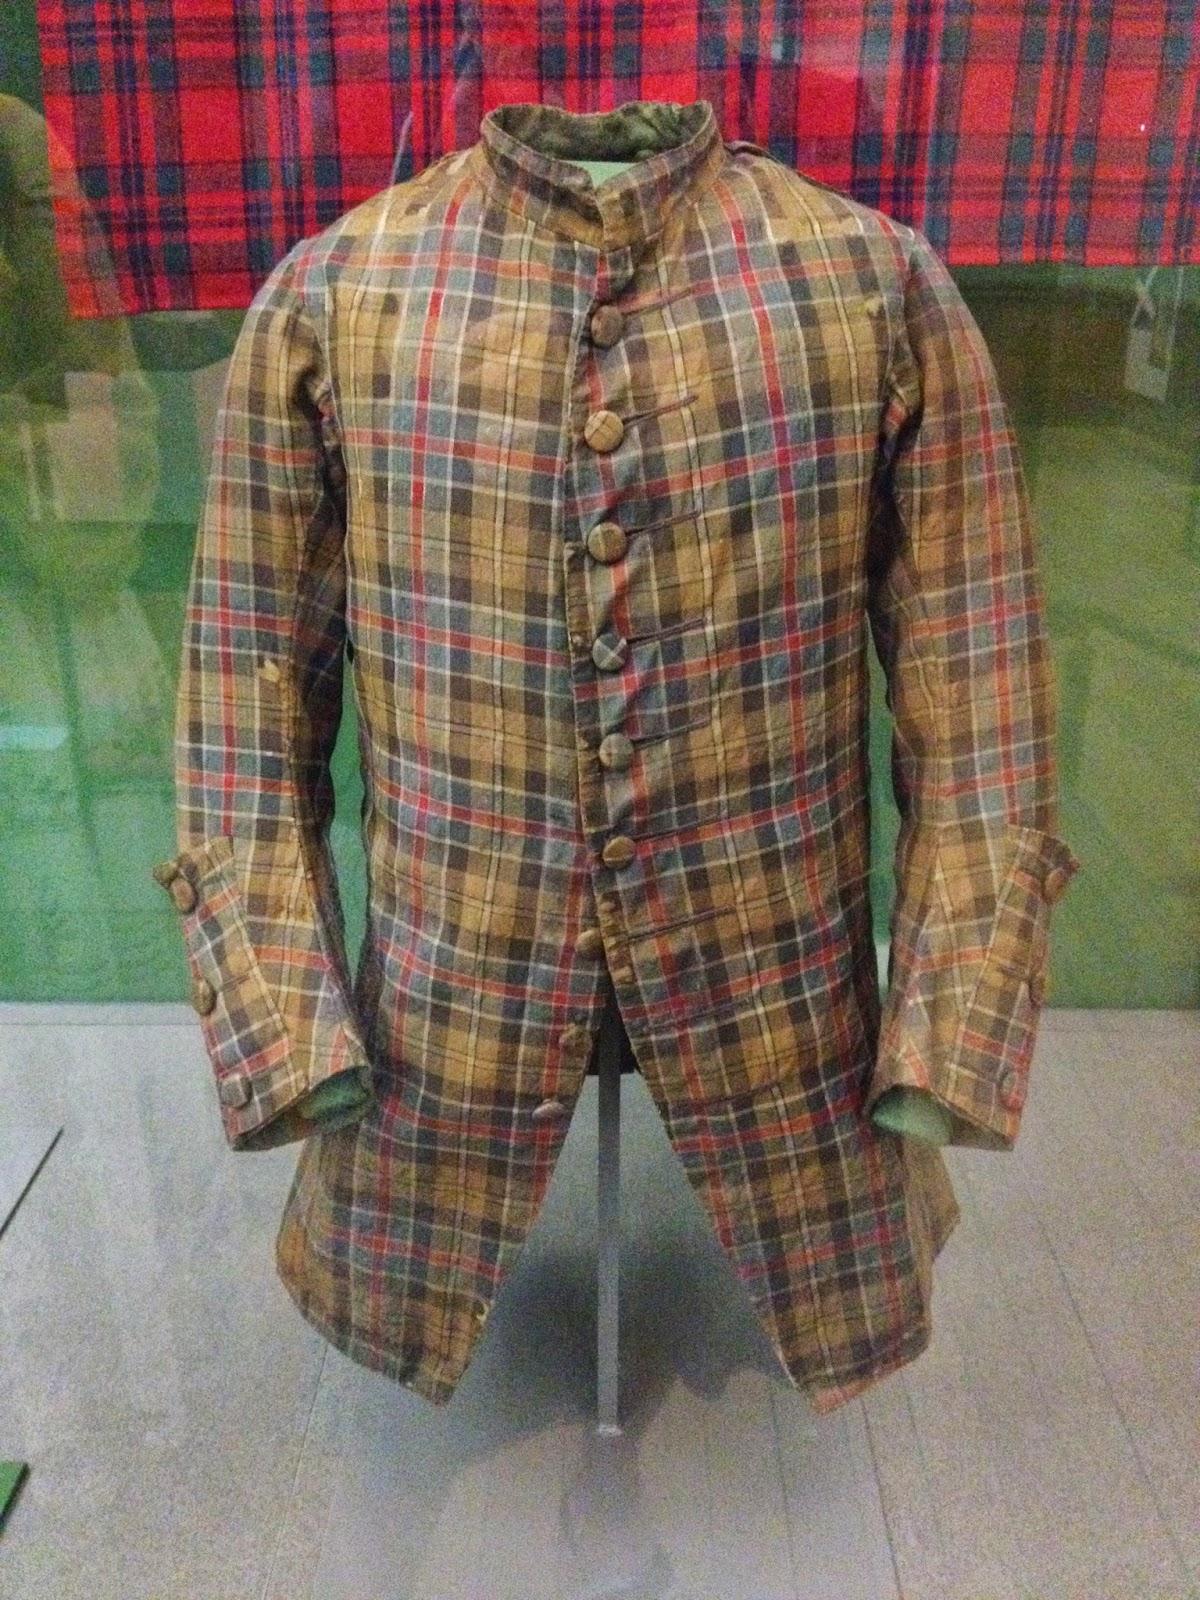 Old Tartan Coat At Kelvingrove Museum